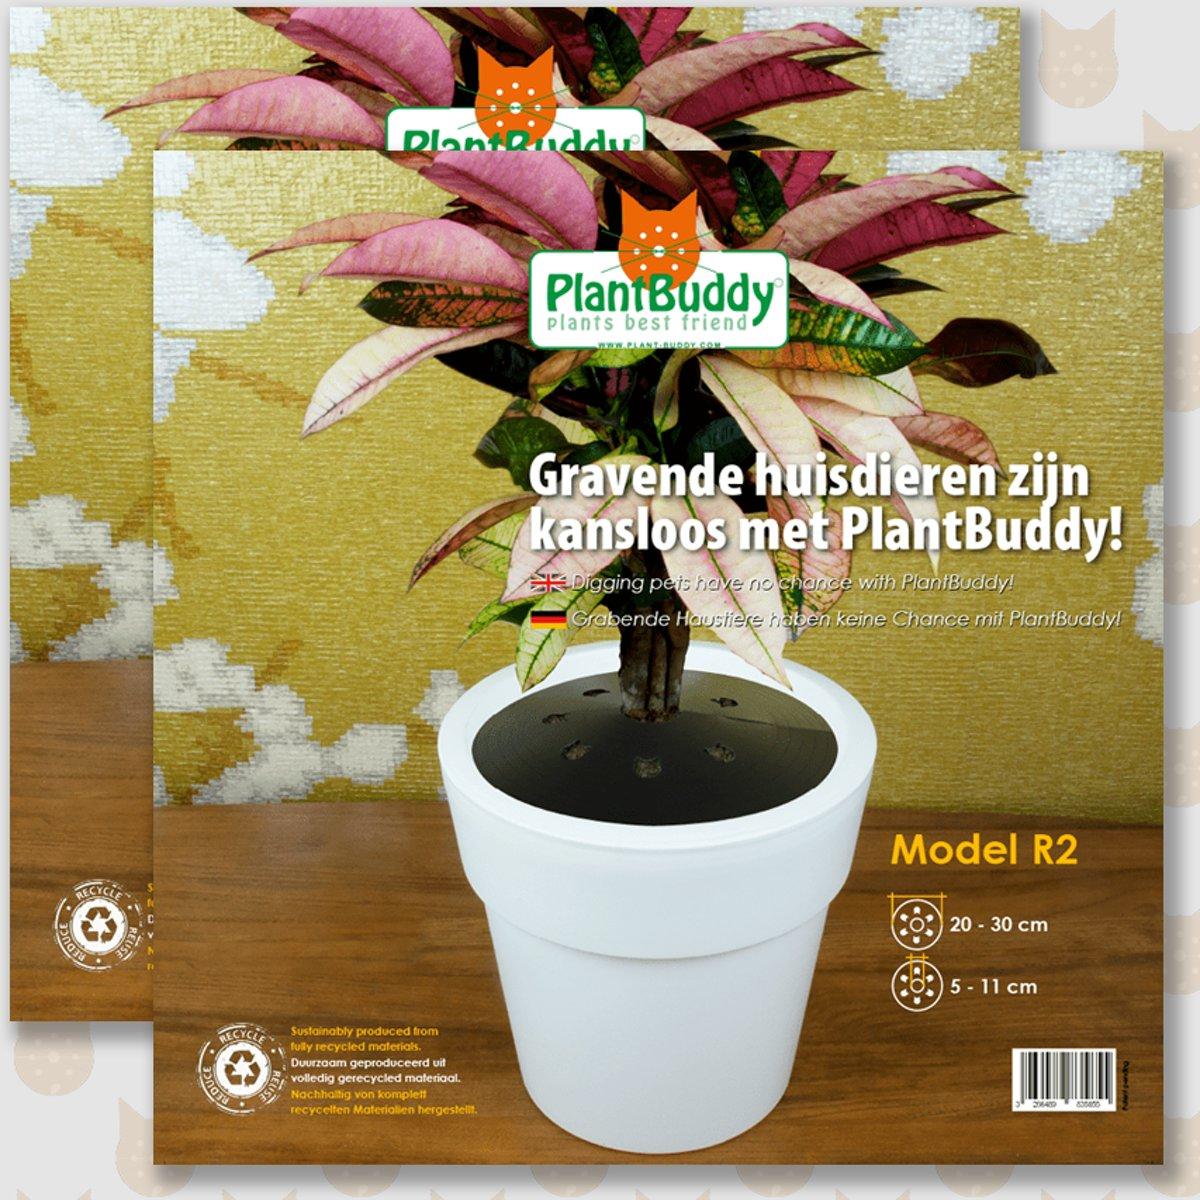 Set van 2 PlantBuddy R2 modellen;  Rond 20 tot 30cm kopen